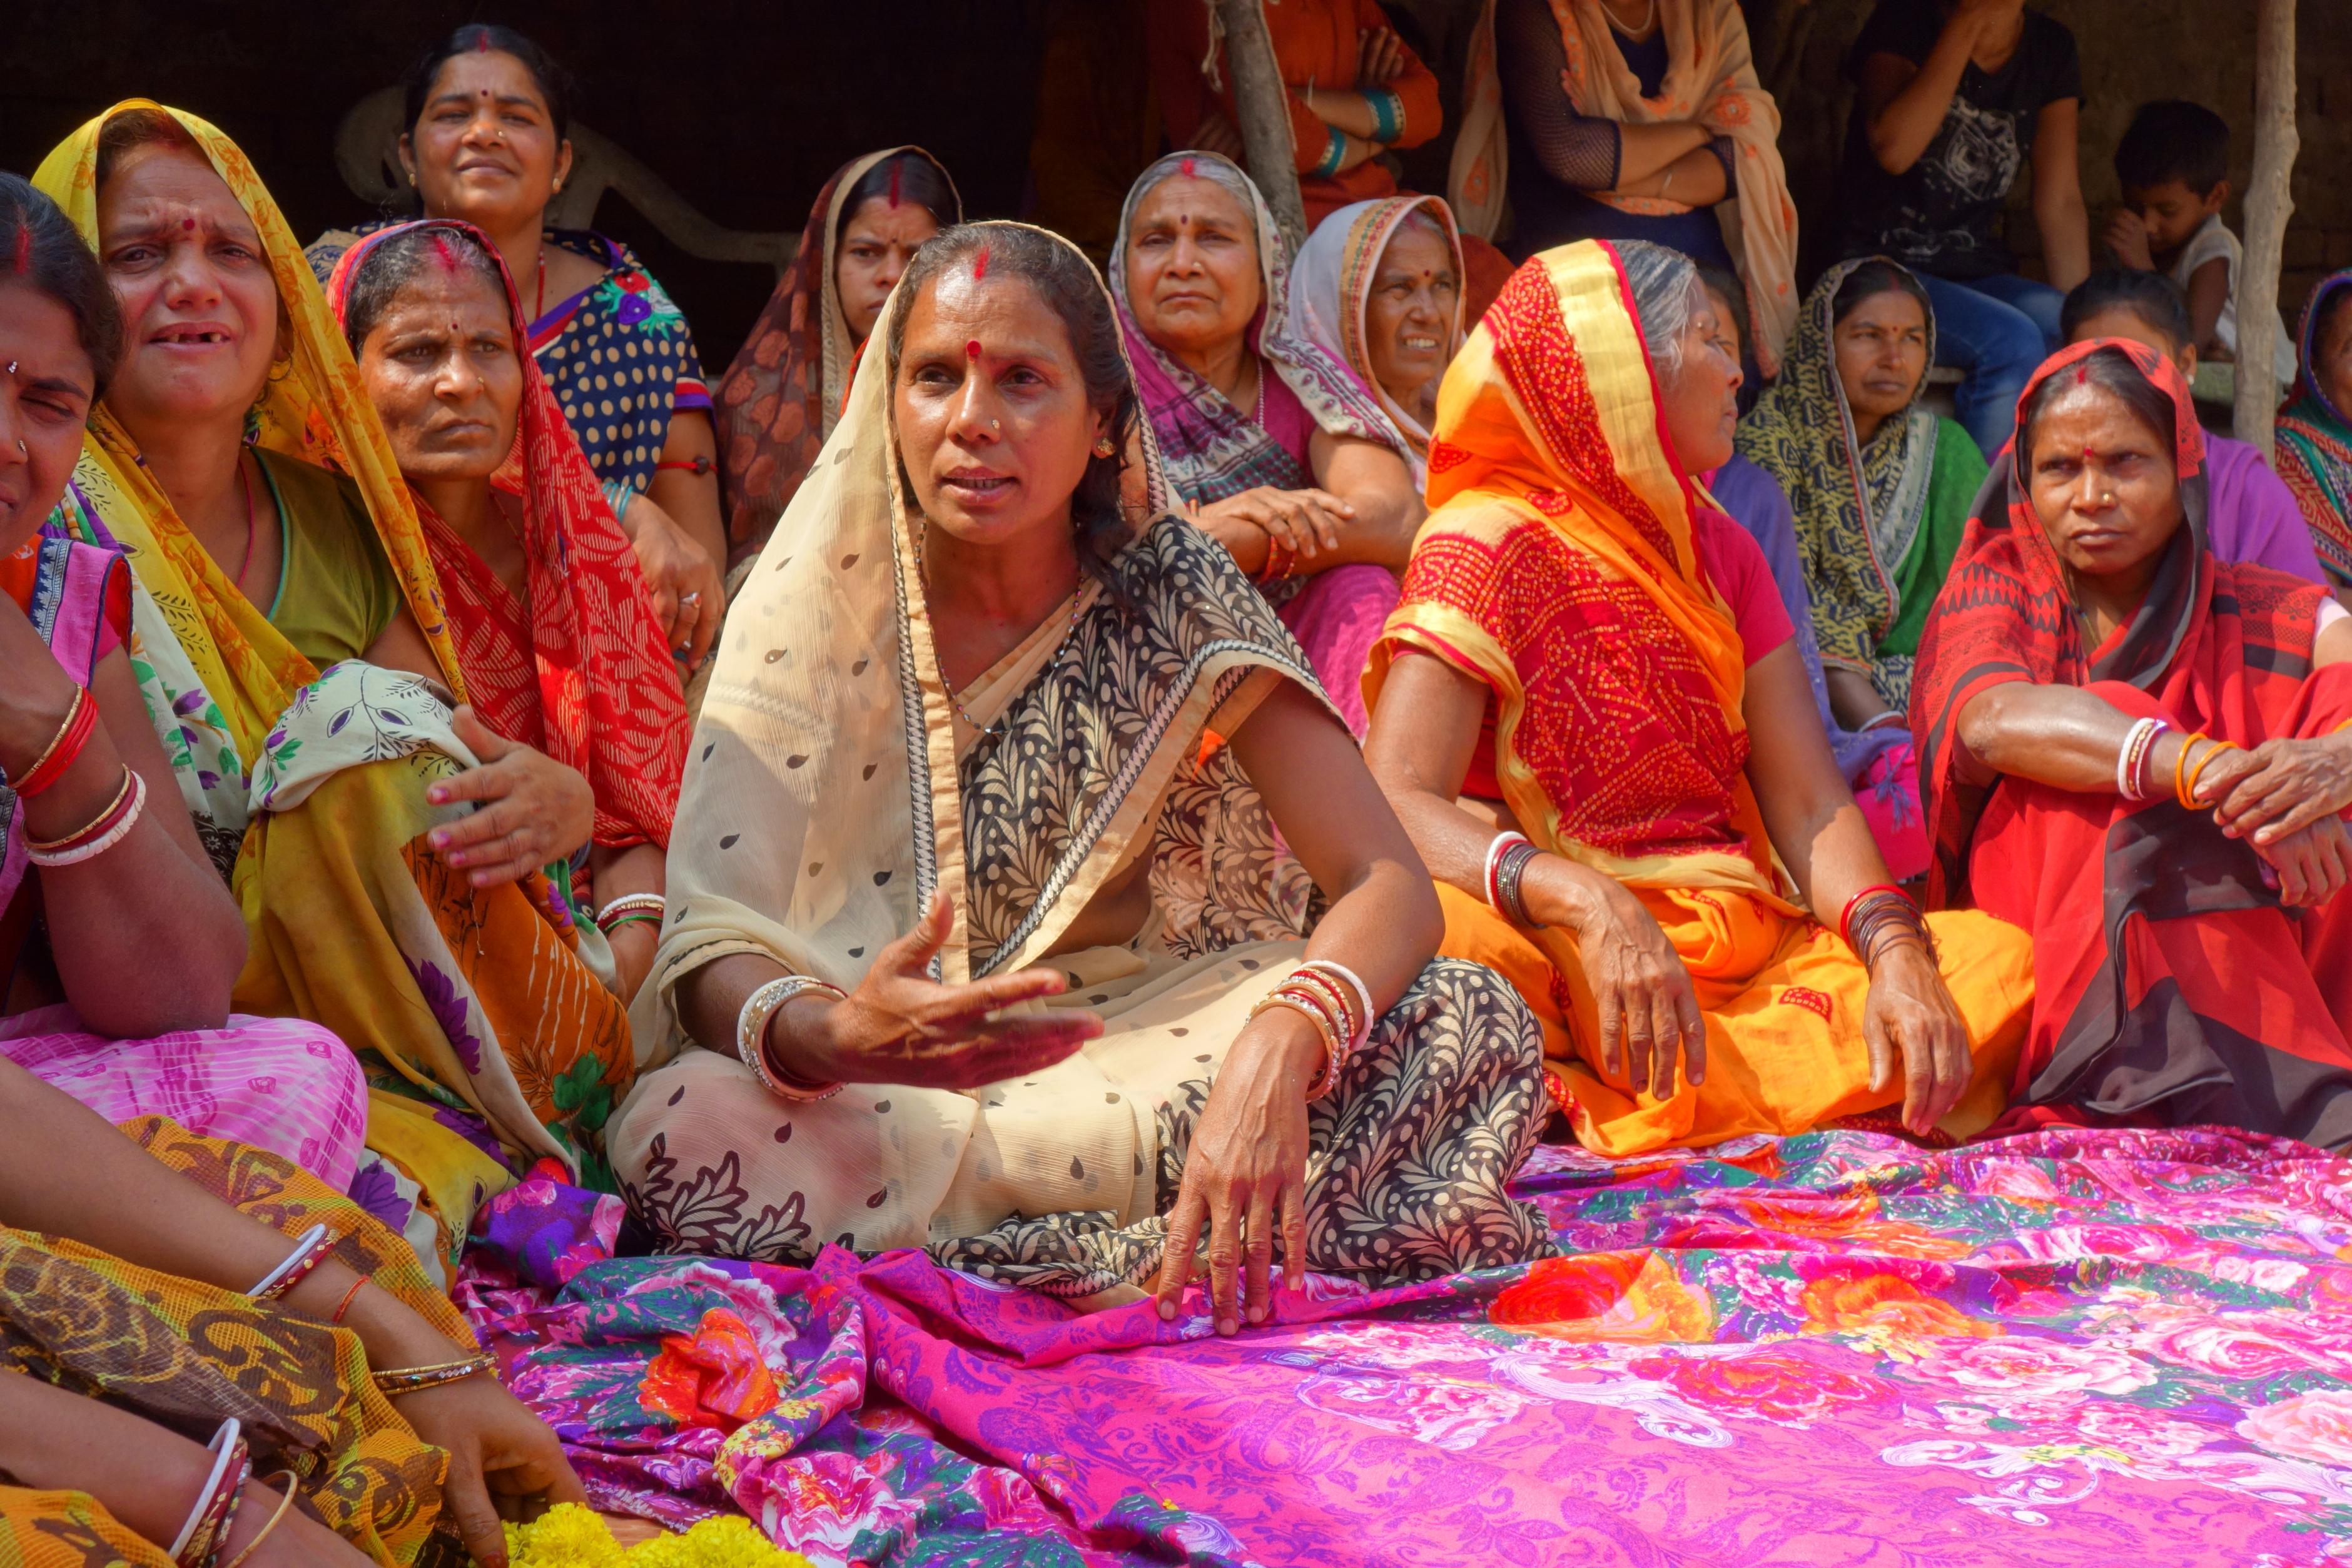 Sunita Devi sitzt mit weiteren Frauen zusammen